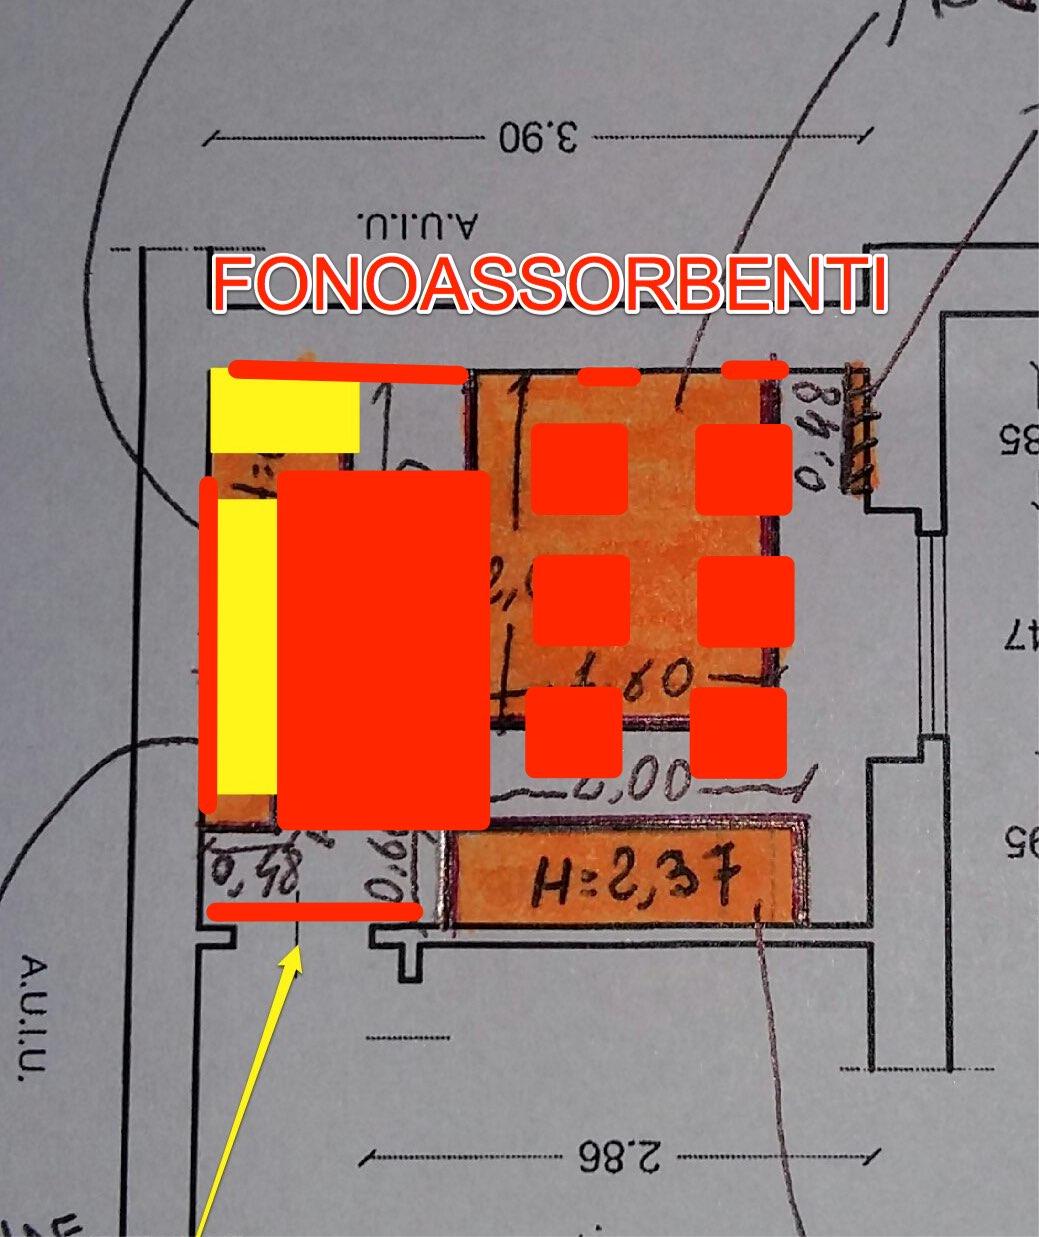 http___www.trattamentoacustico.it_immagini-forum2_www.trattamentoacustico.jpg.jpg